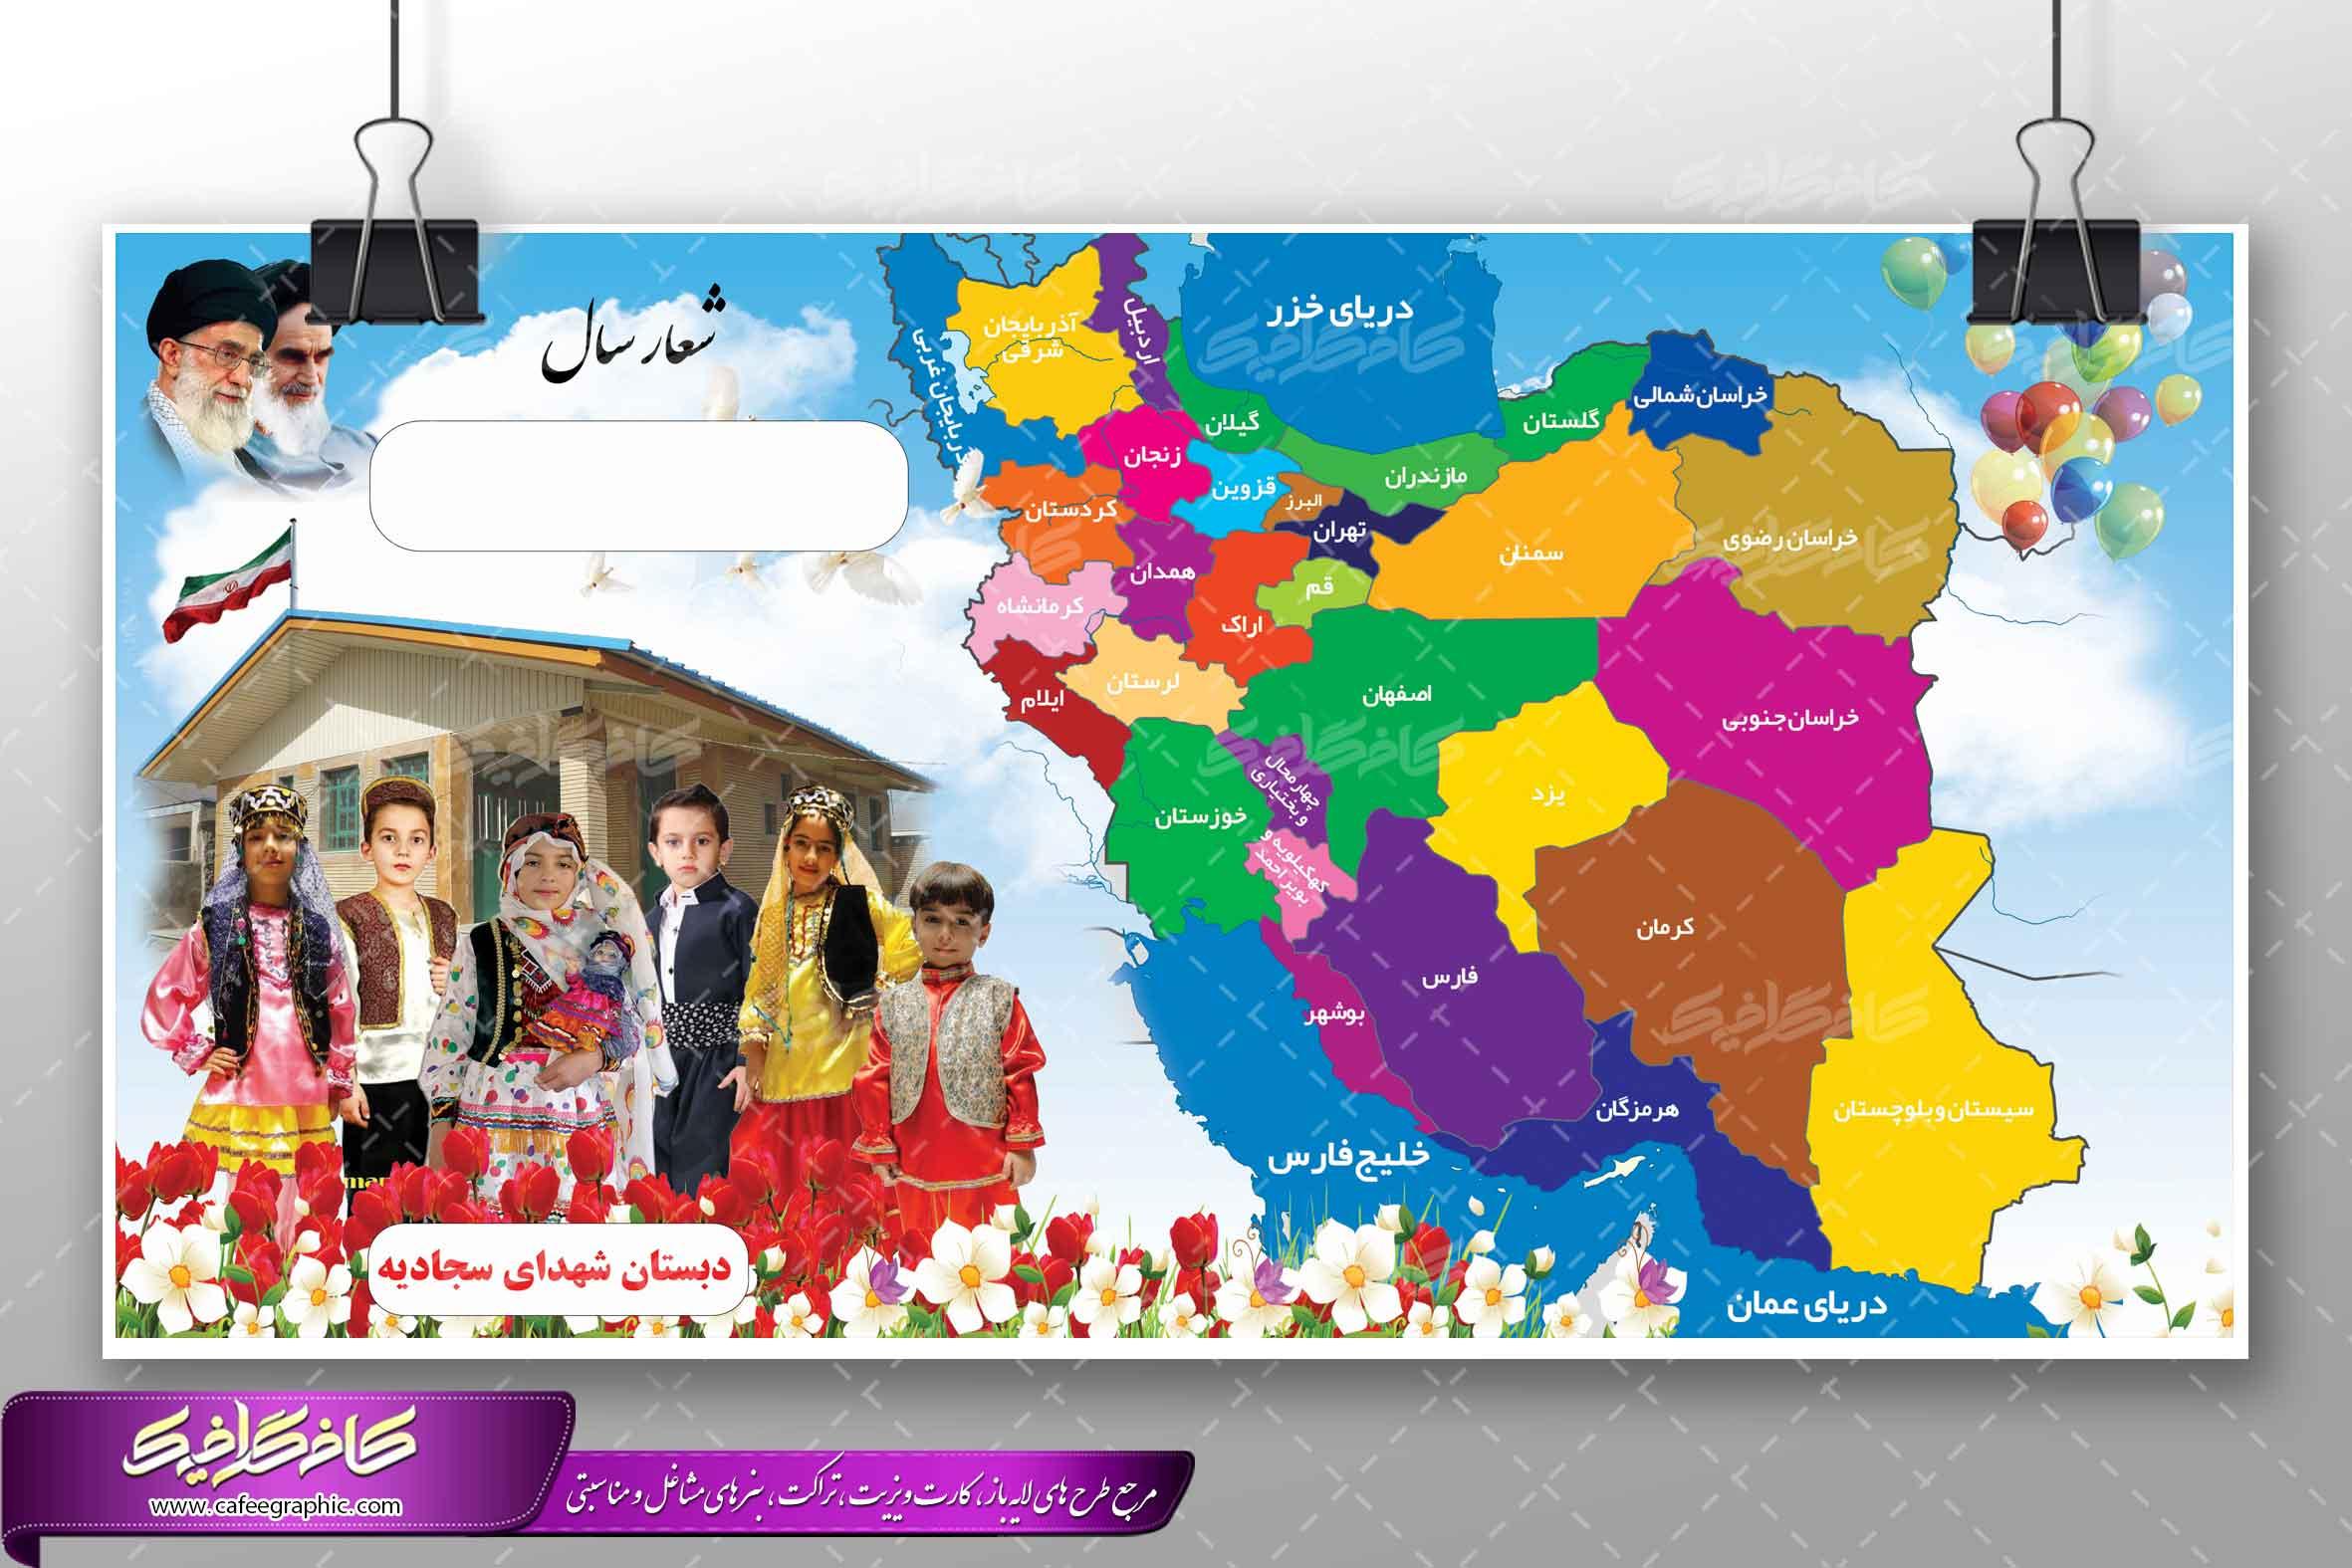 نقشه ایران با لباس محلی اقوام مختلف ایران